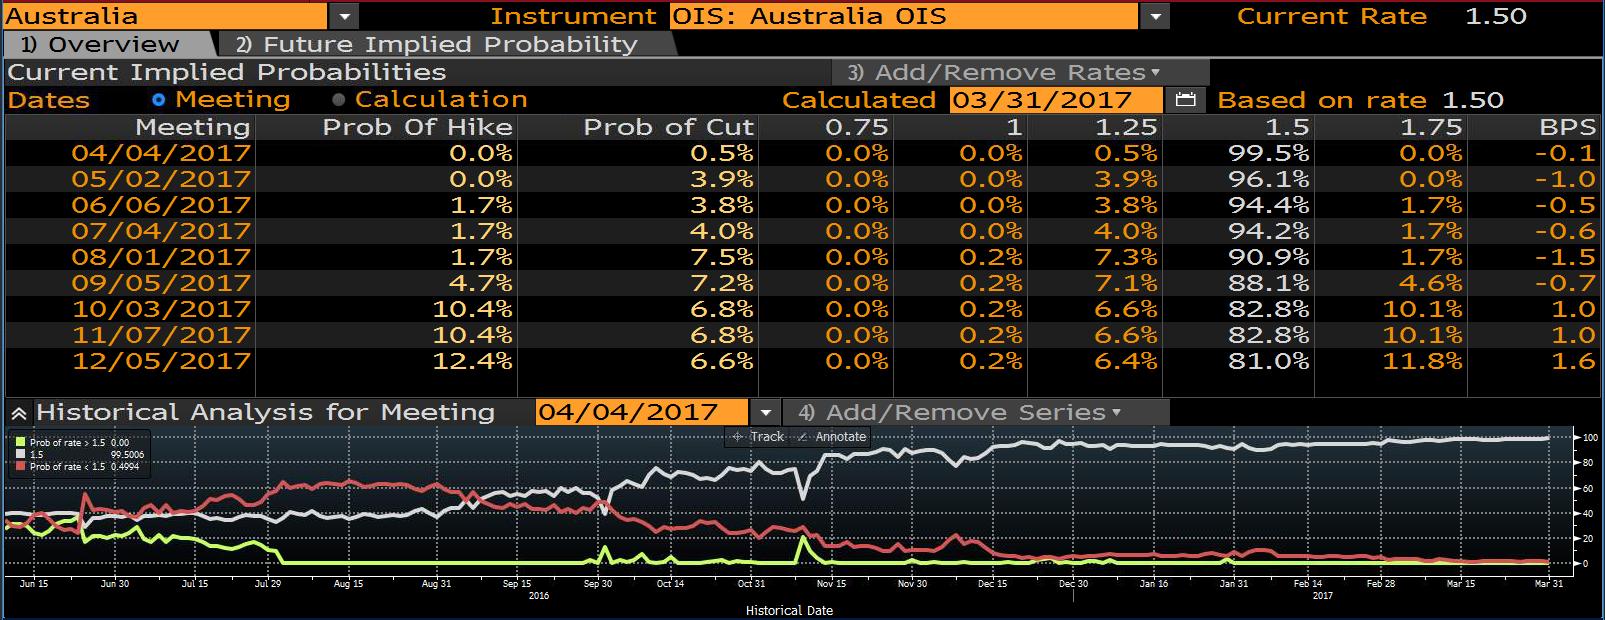 Prawdopodobieństwo podwyżki/obniżki stóp procentowej w Australii